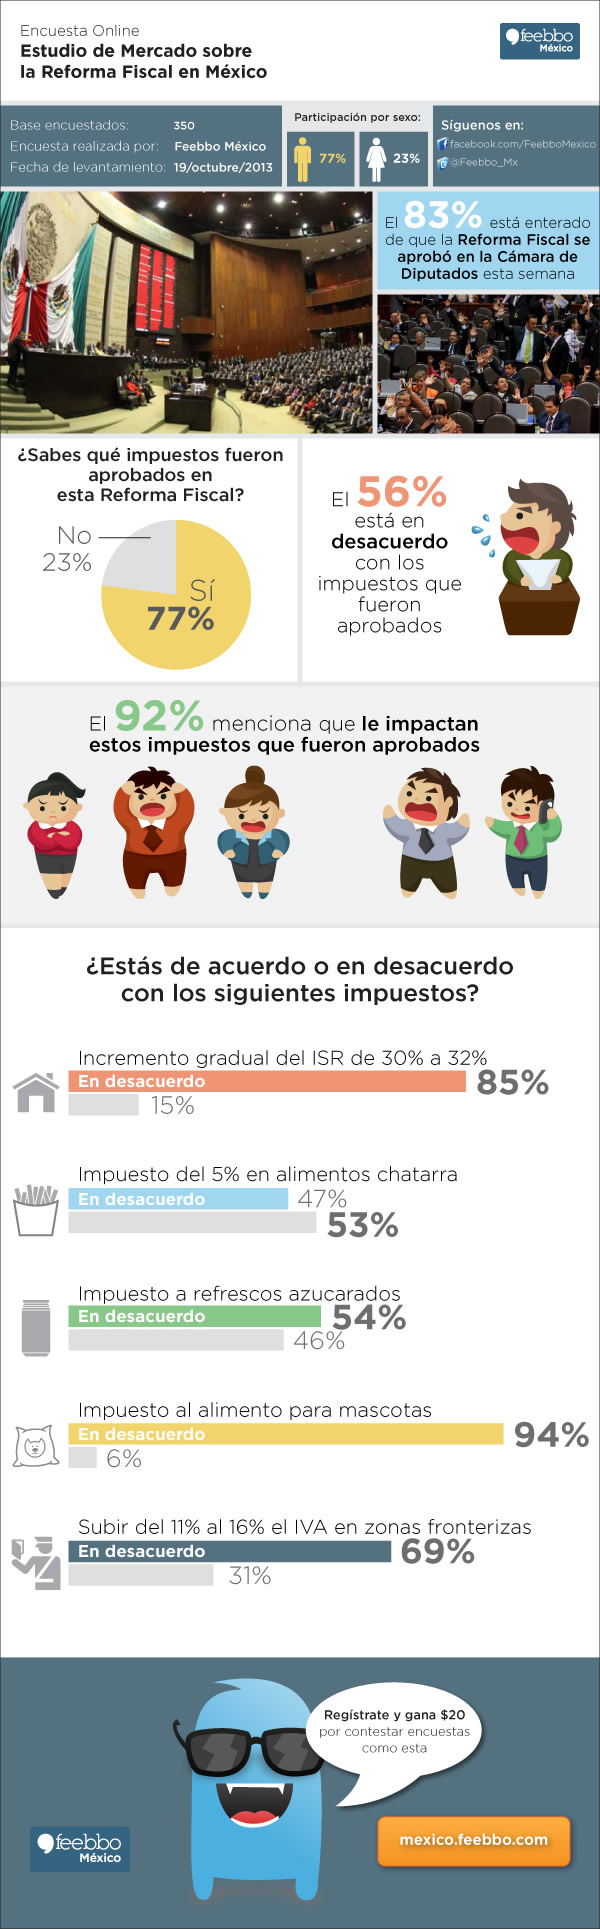 Esta es la percepción de la reforma fiscal en México por parte de los internautas - reforma-fiscal-mexico-infografia